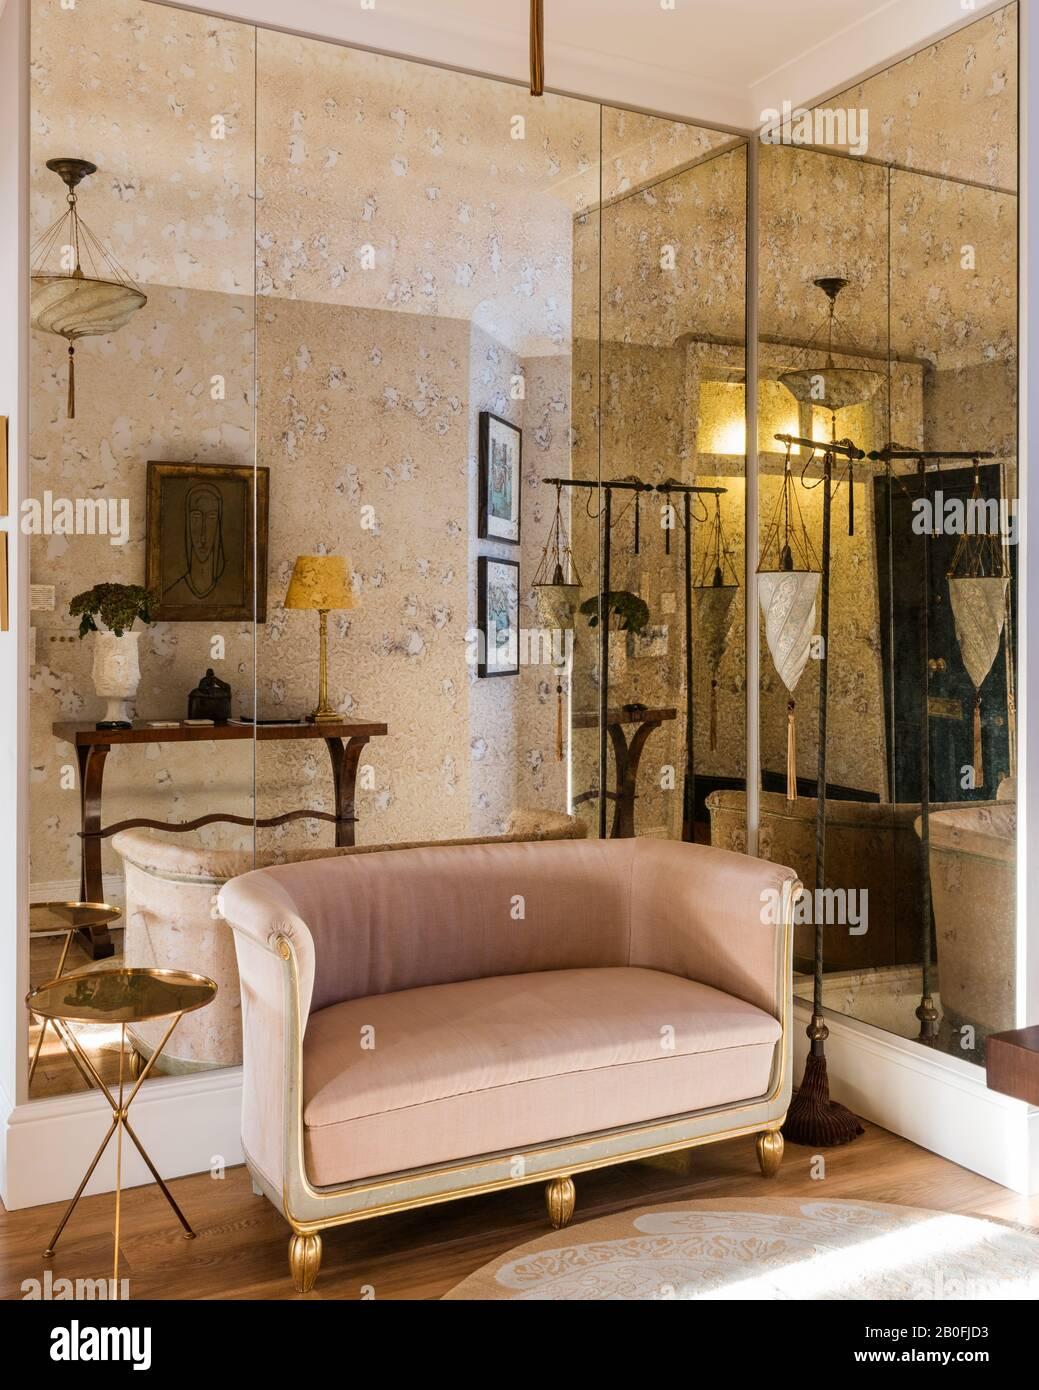 Mur miroir avec canapé-lit double-place français vintage rembourré en velours rose. Banque D'Images